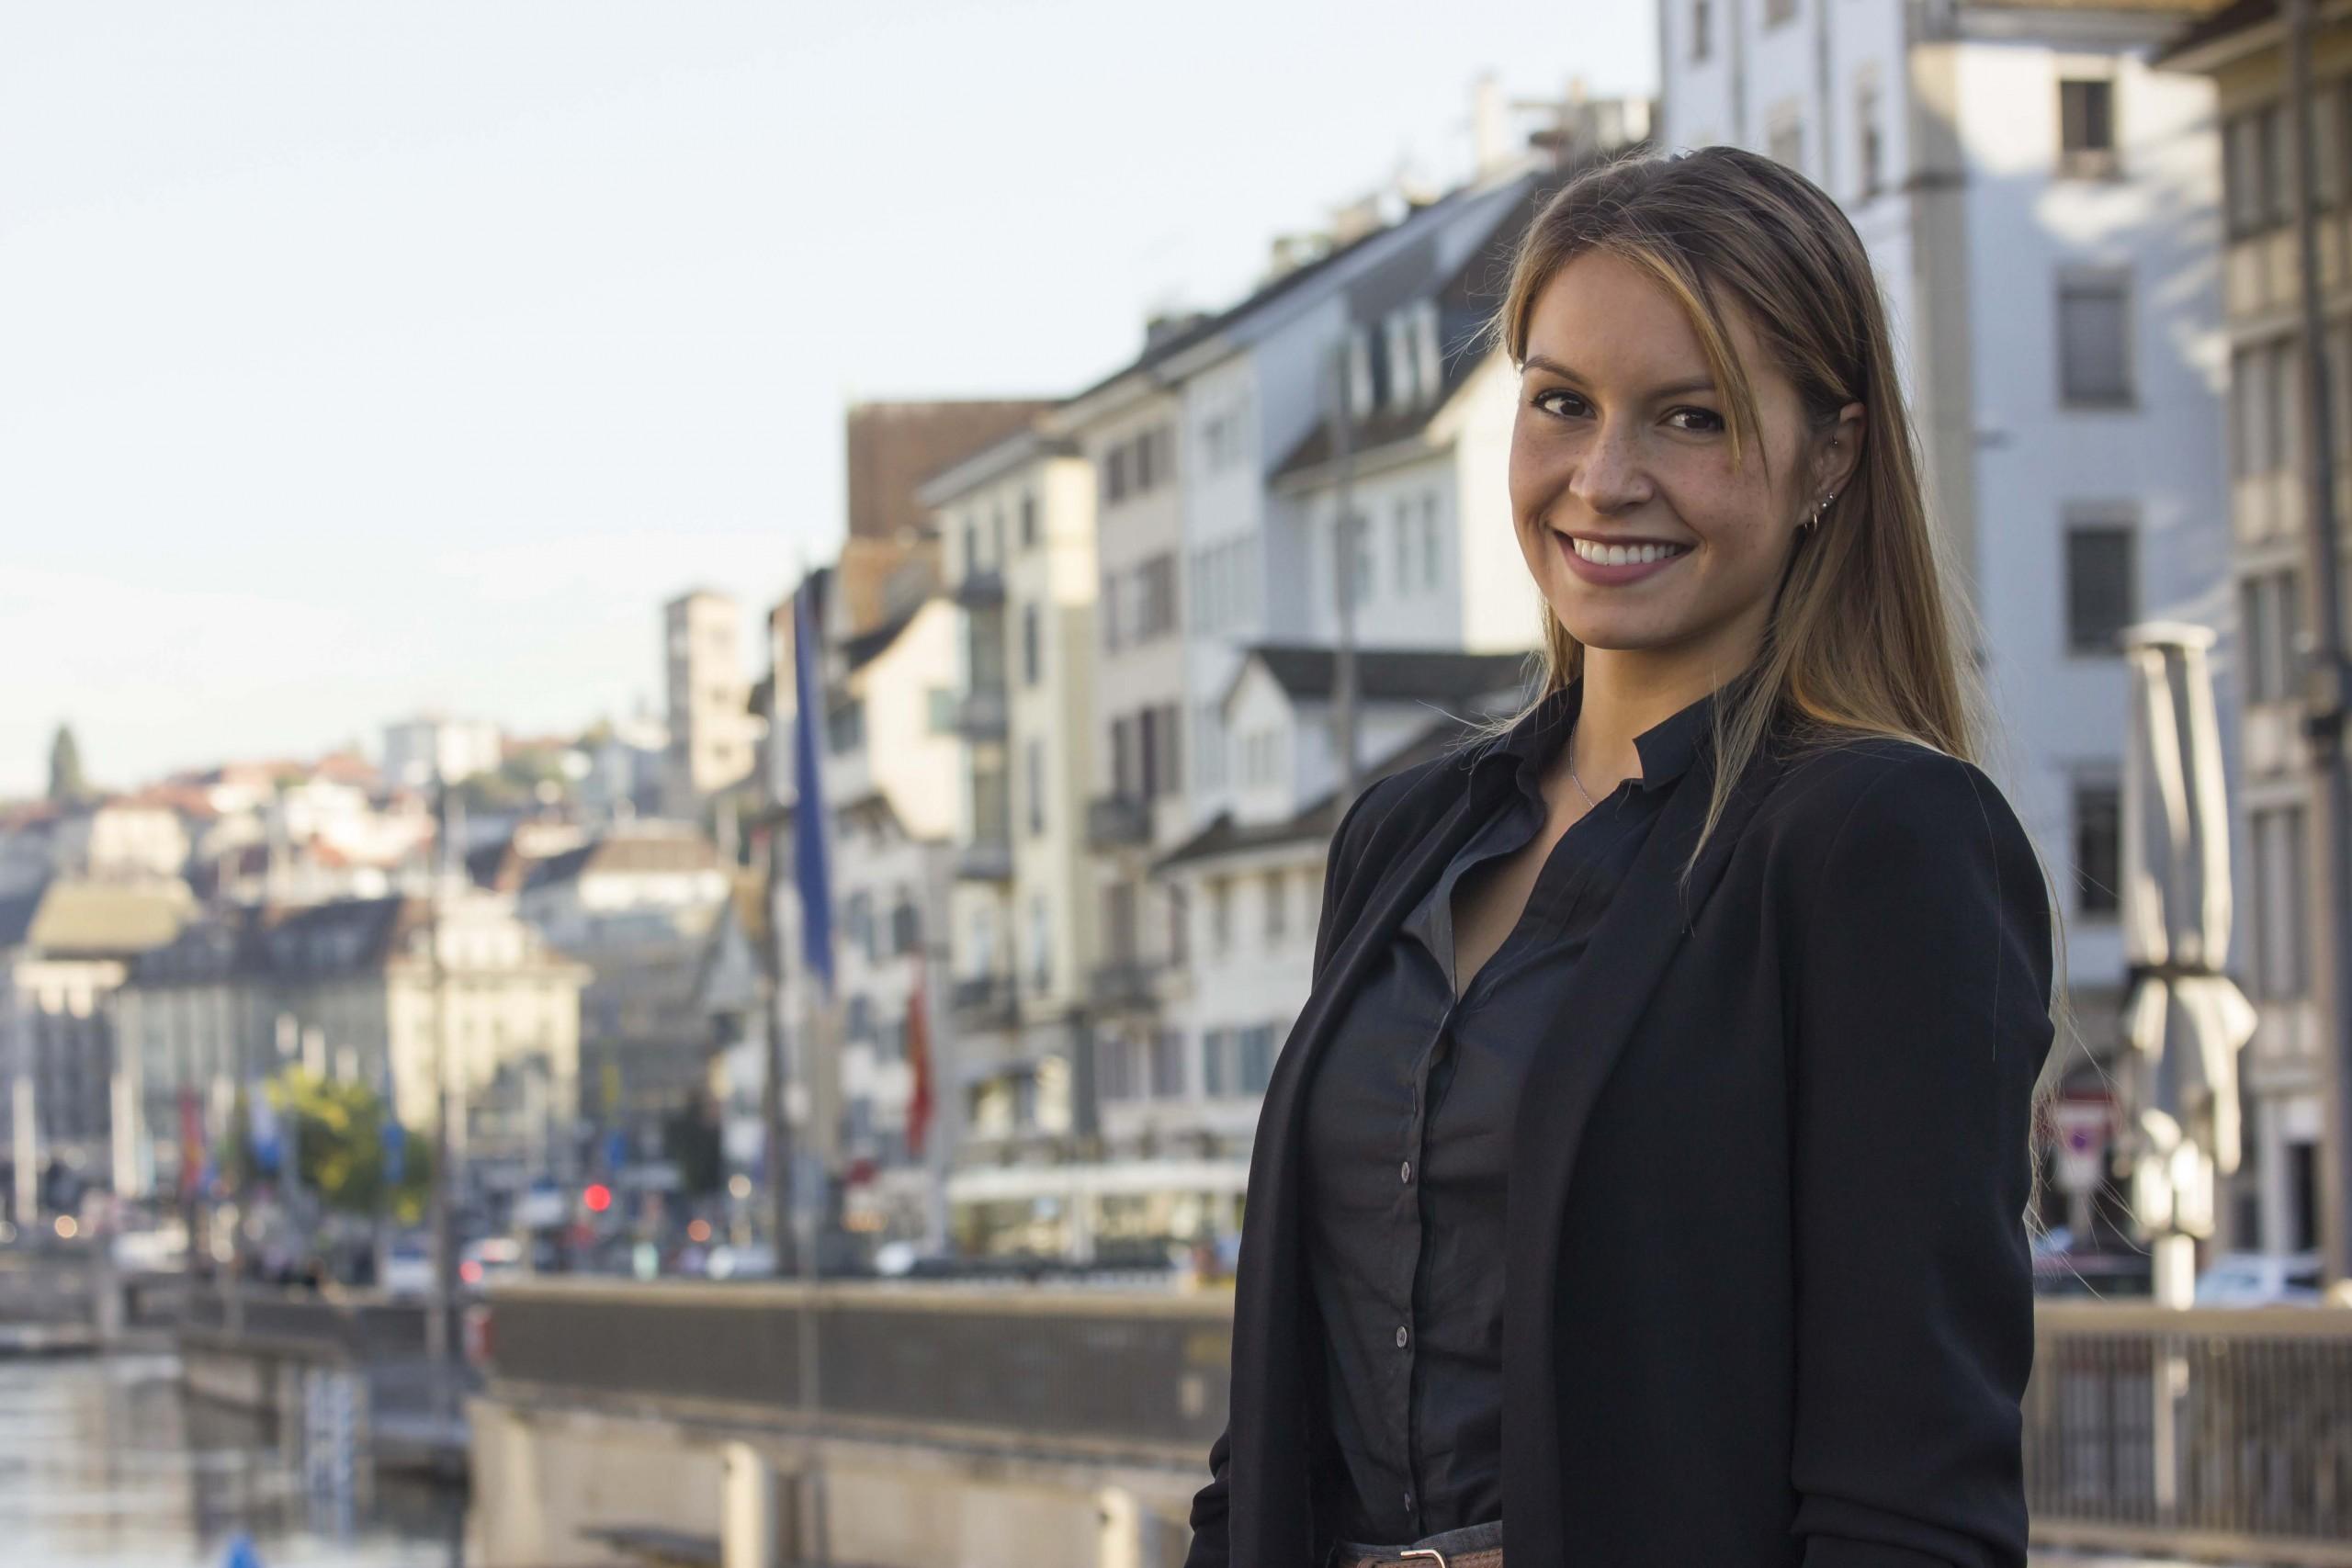 Svenja Balla: Anwalt Arbeitsrecht, Anwalt Gesellschaftsrecht, Anwalt Mietrecht, Anwalt Vertragsrecht, Anwalt Familienrecht, Anwalt Migrationsrecht